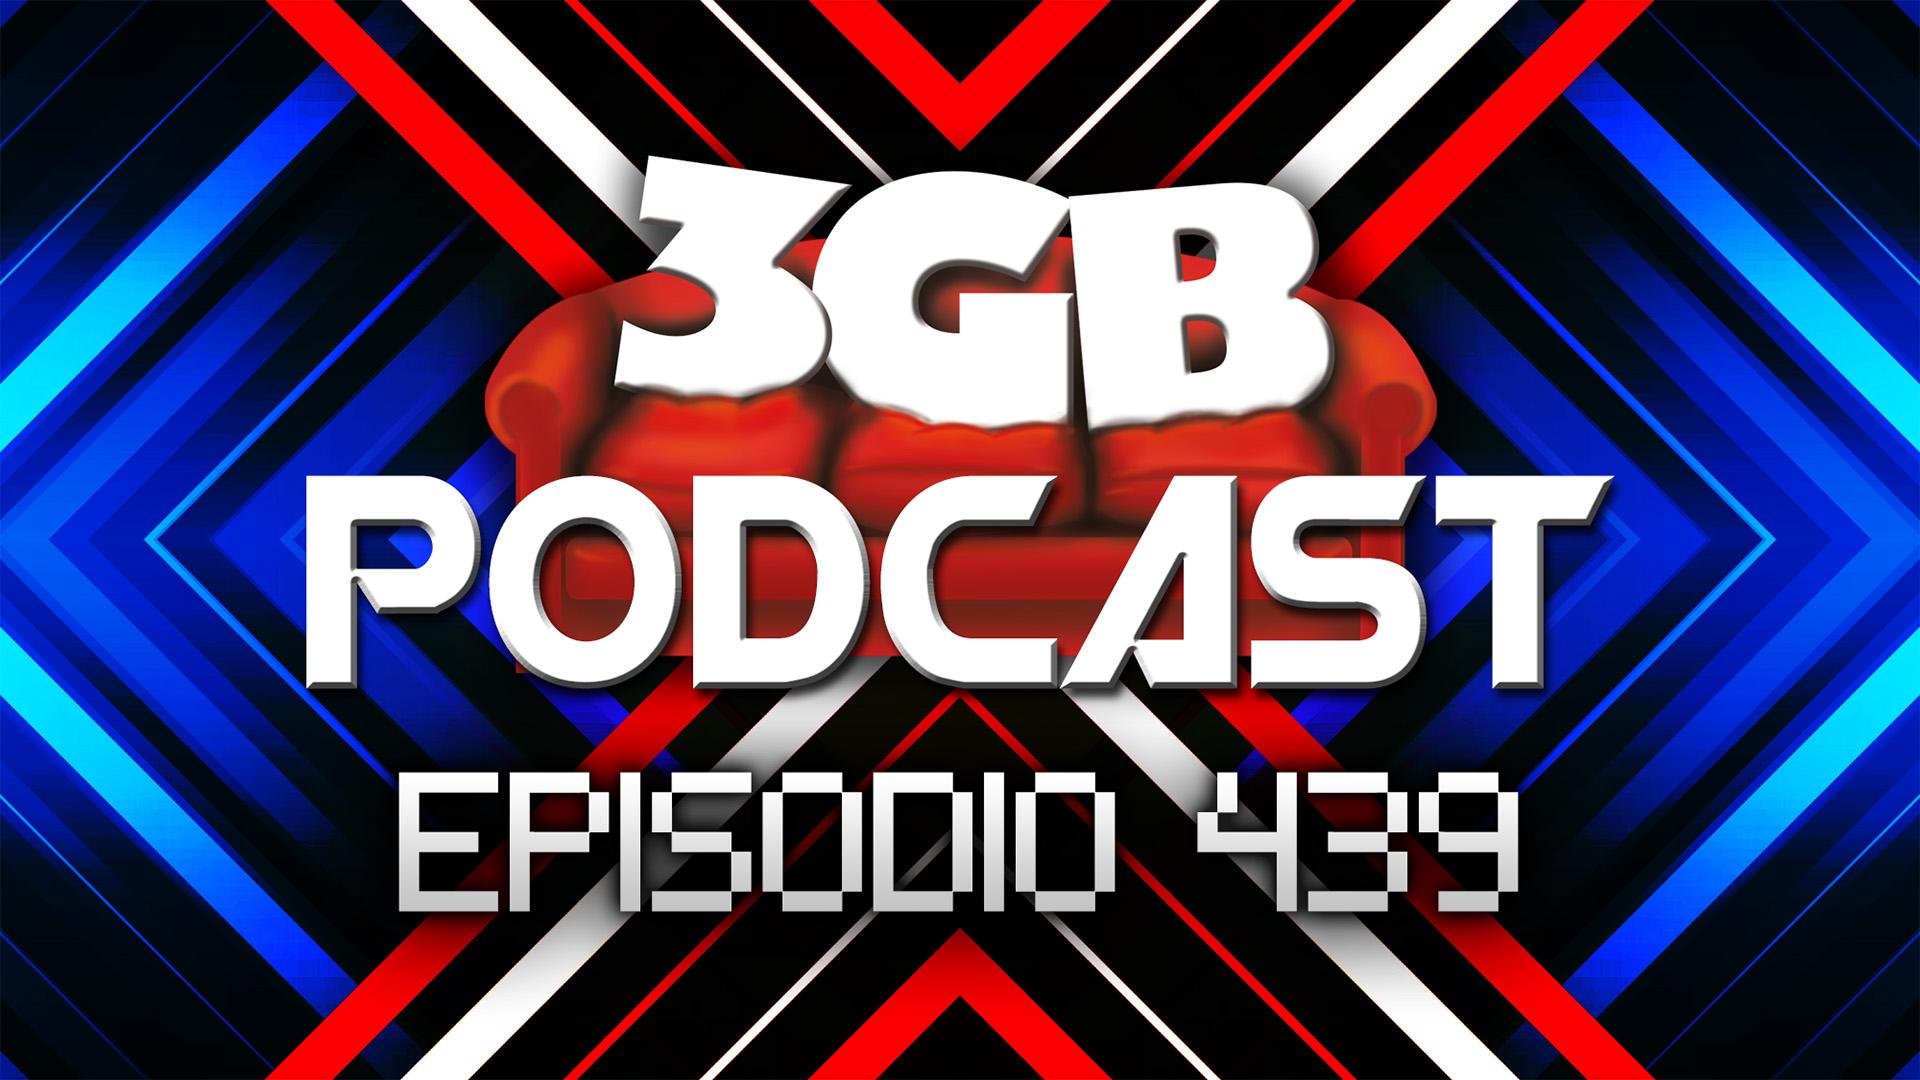 Podcast: Episodio 439, Lonesome Village